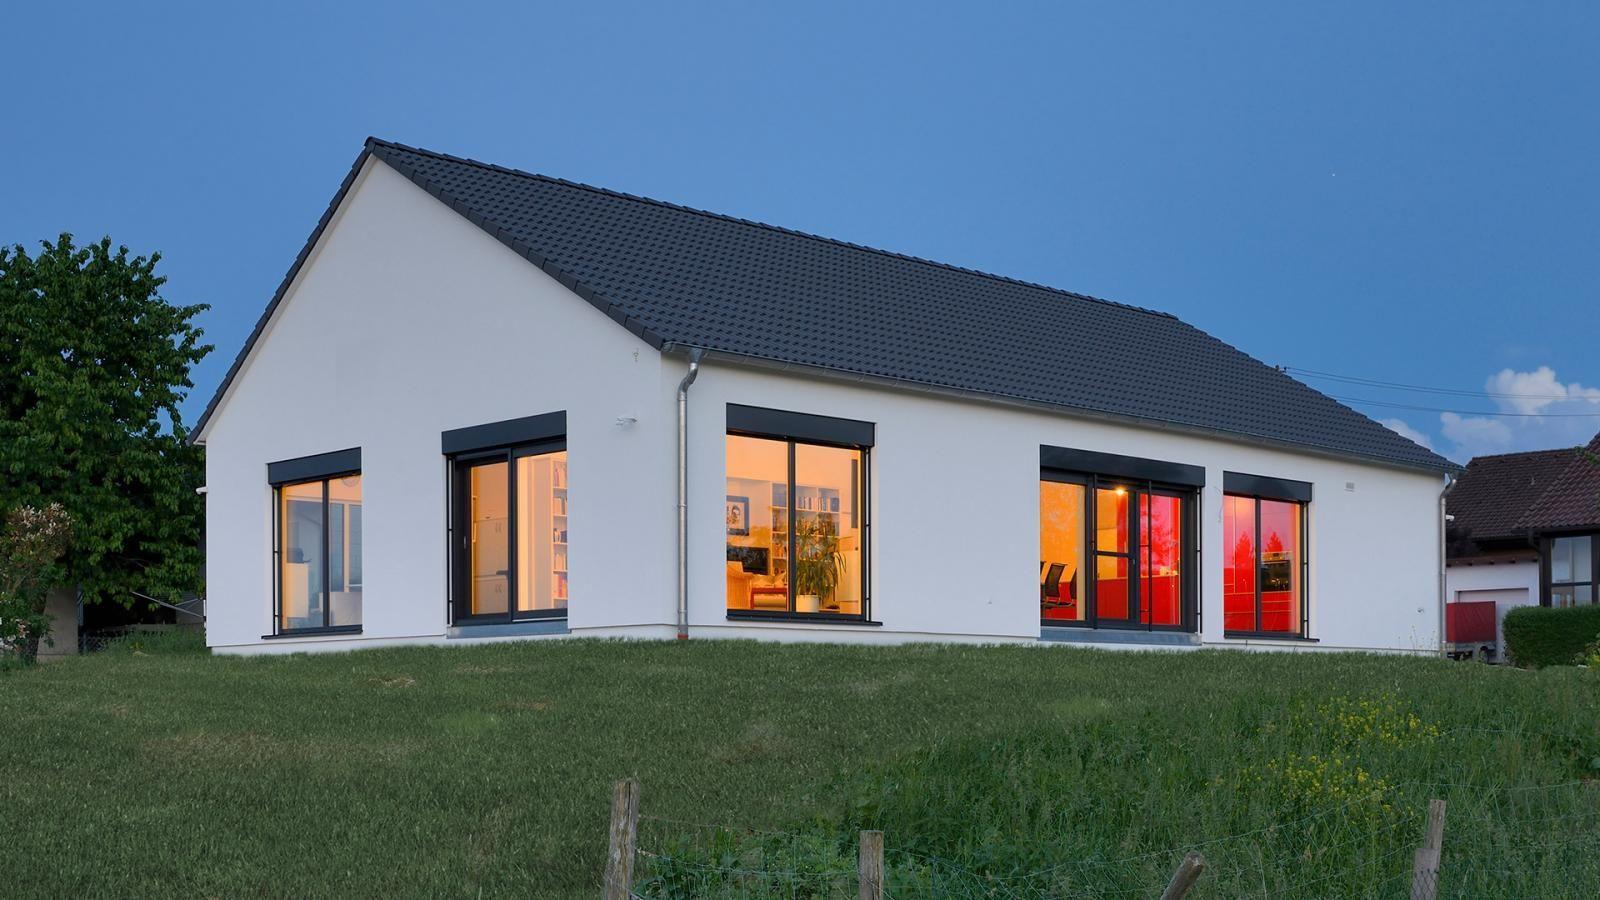 Fertighaus bungalow satteldach  Bungalow mal anders! Satteldach mit viel Platz nach oben und viel ...